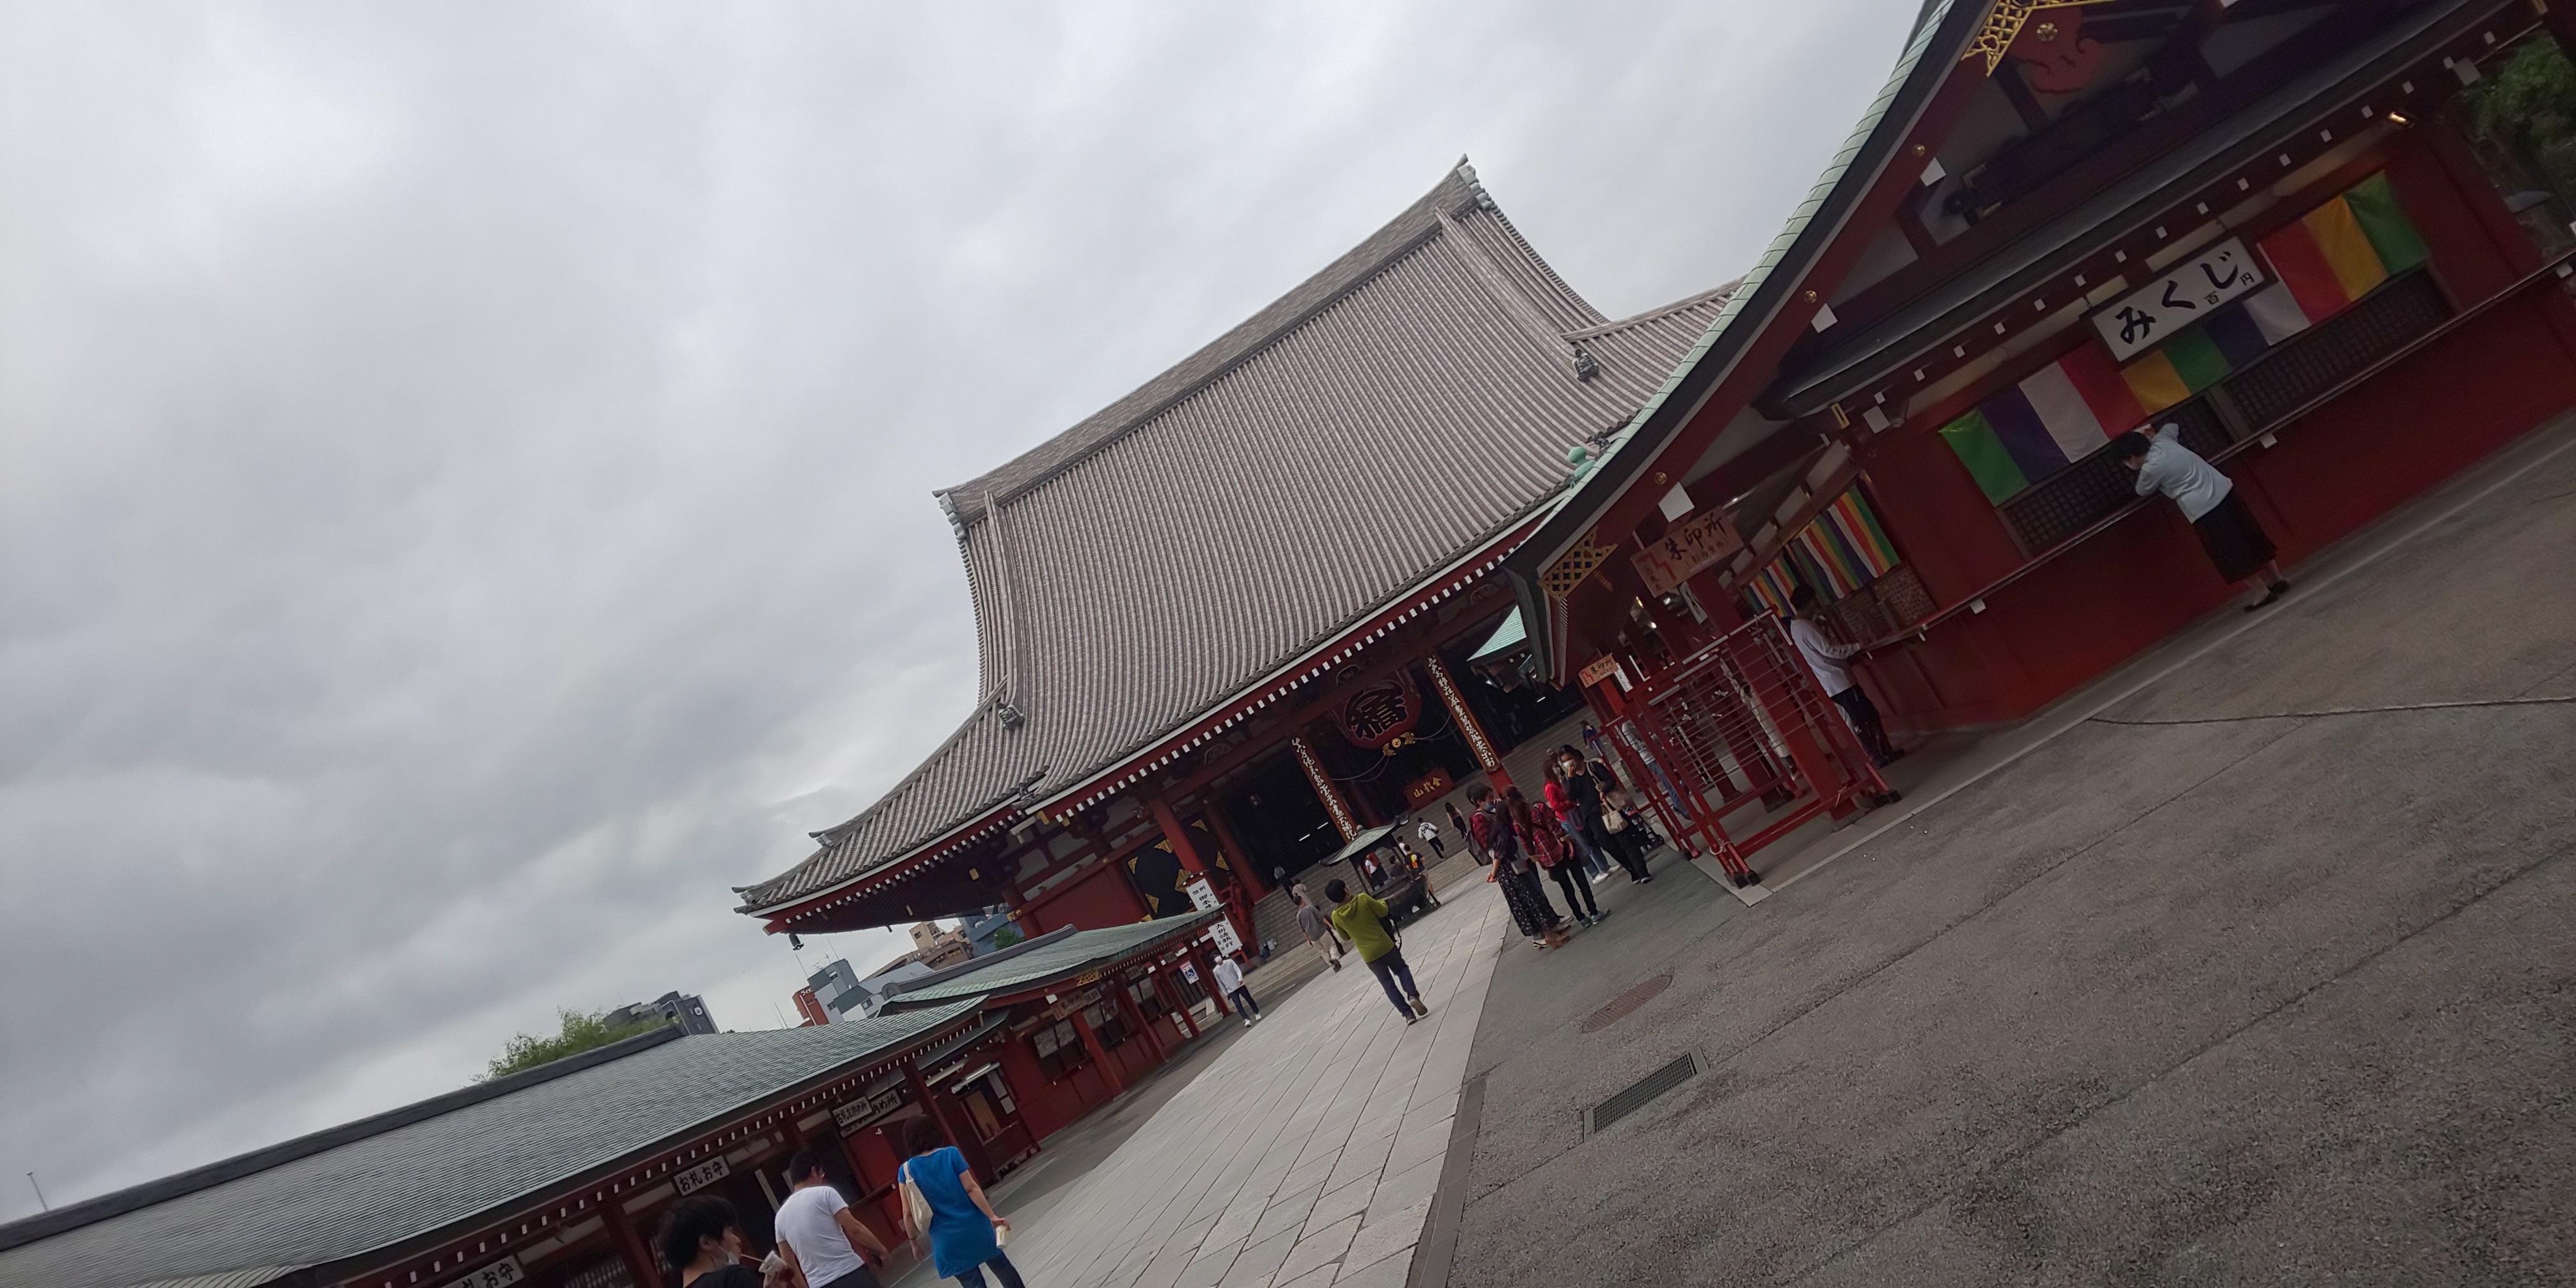 「浅草寺??」05/23(土) 14:13 | なみの写メ・風俗動画